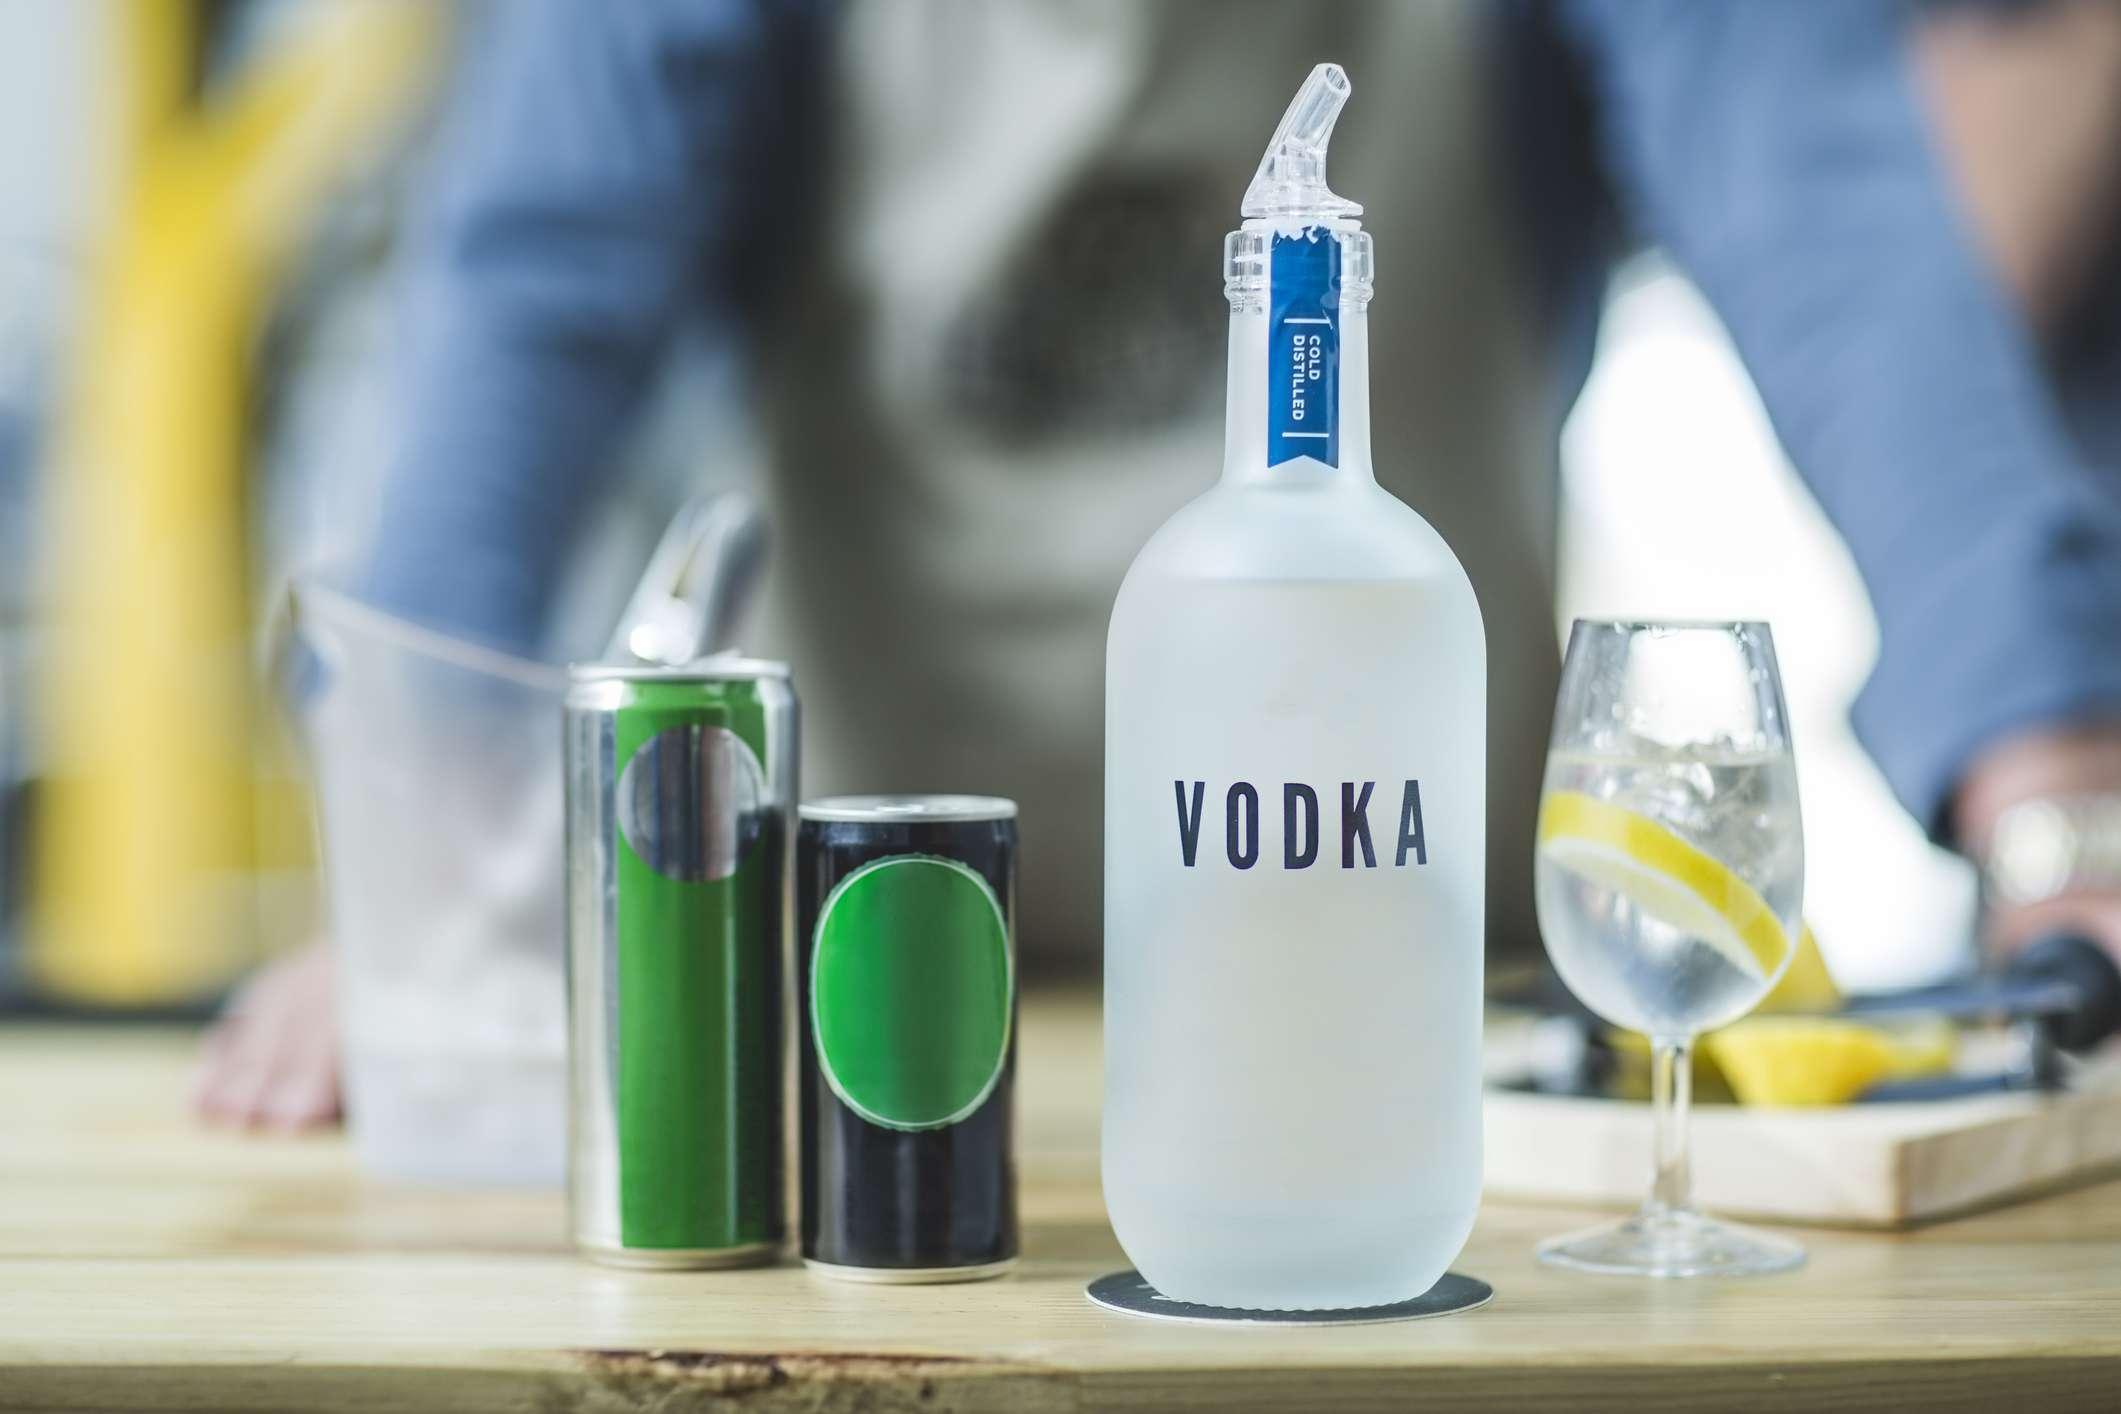 Vodka bottle.